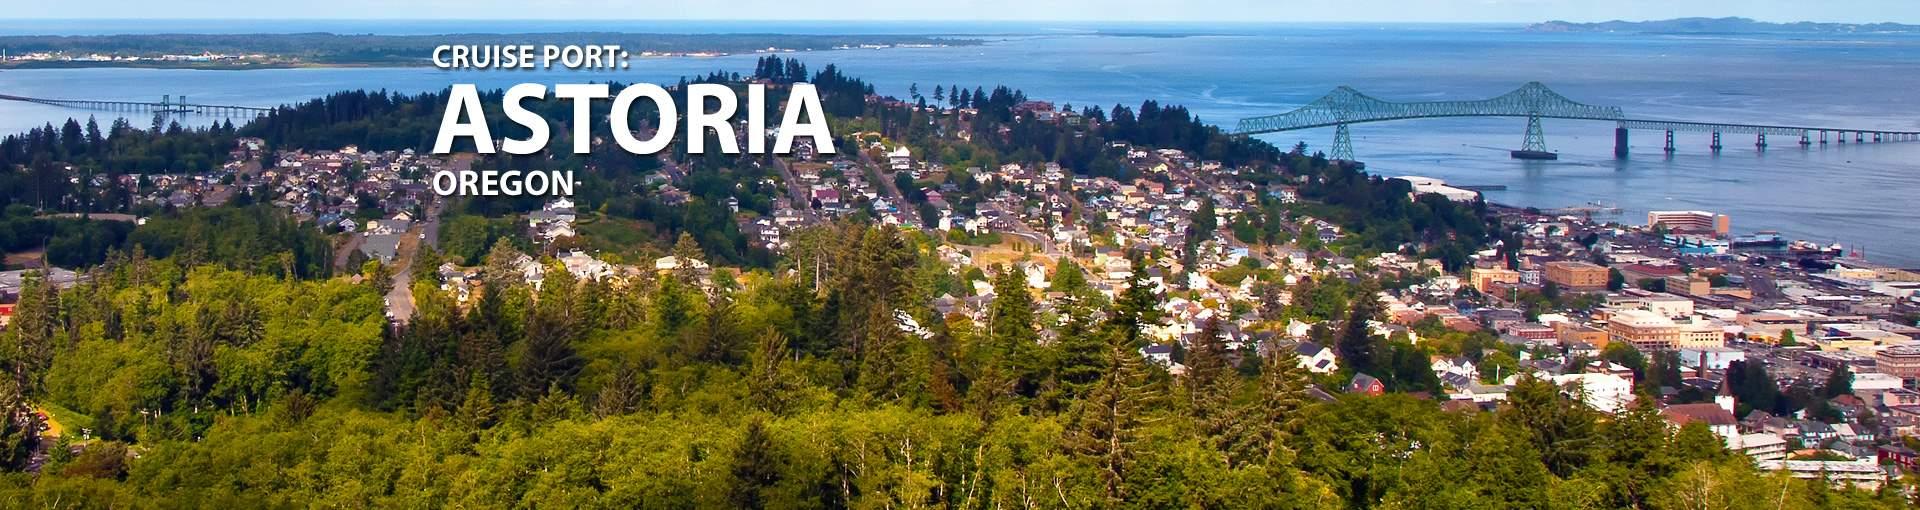 Cruises to Astoria, Oregon